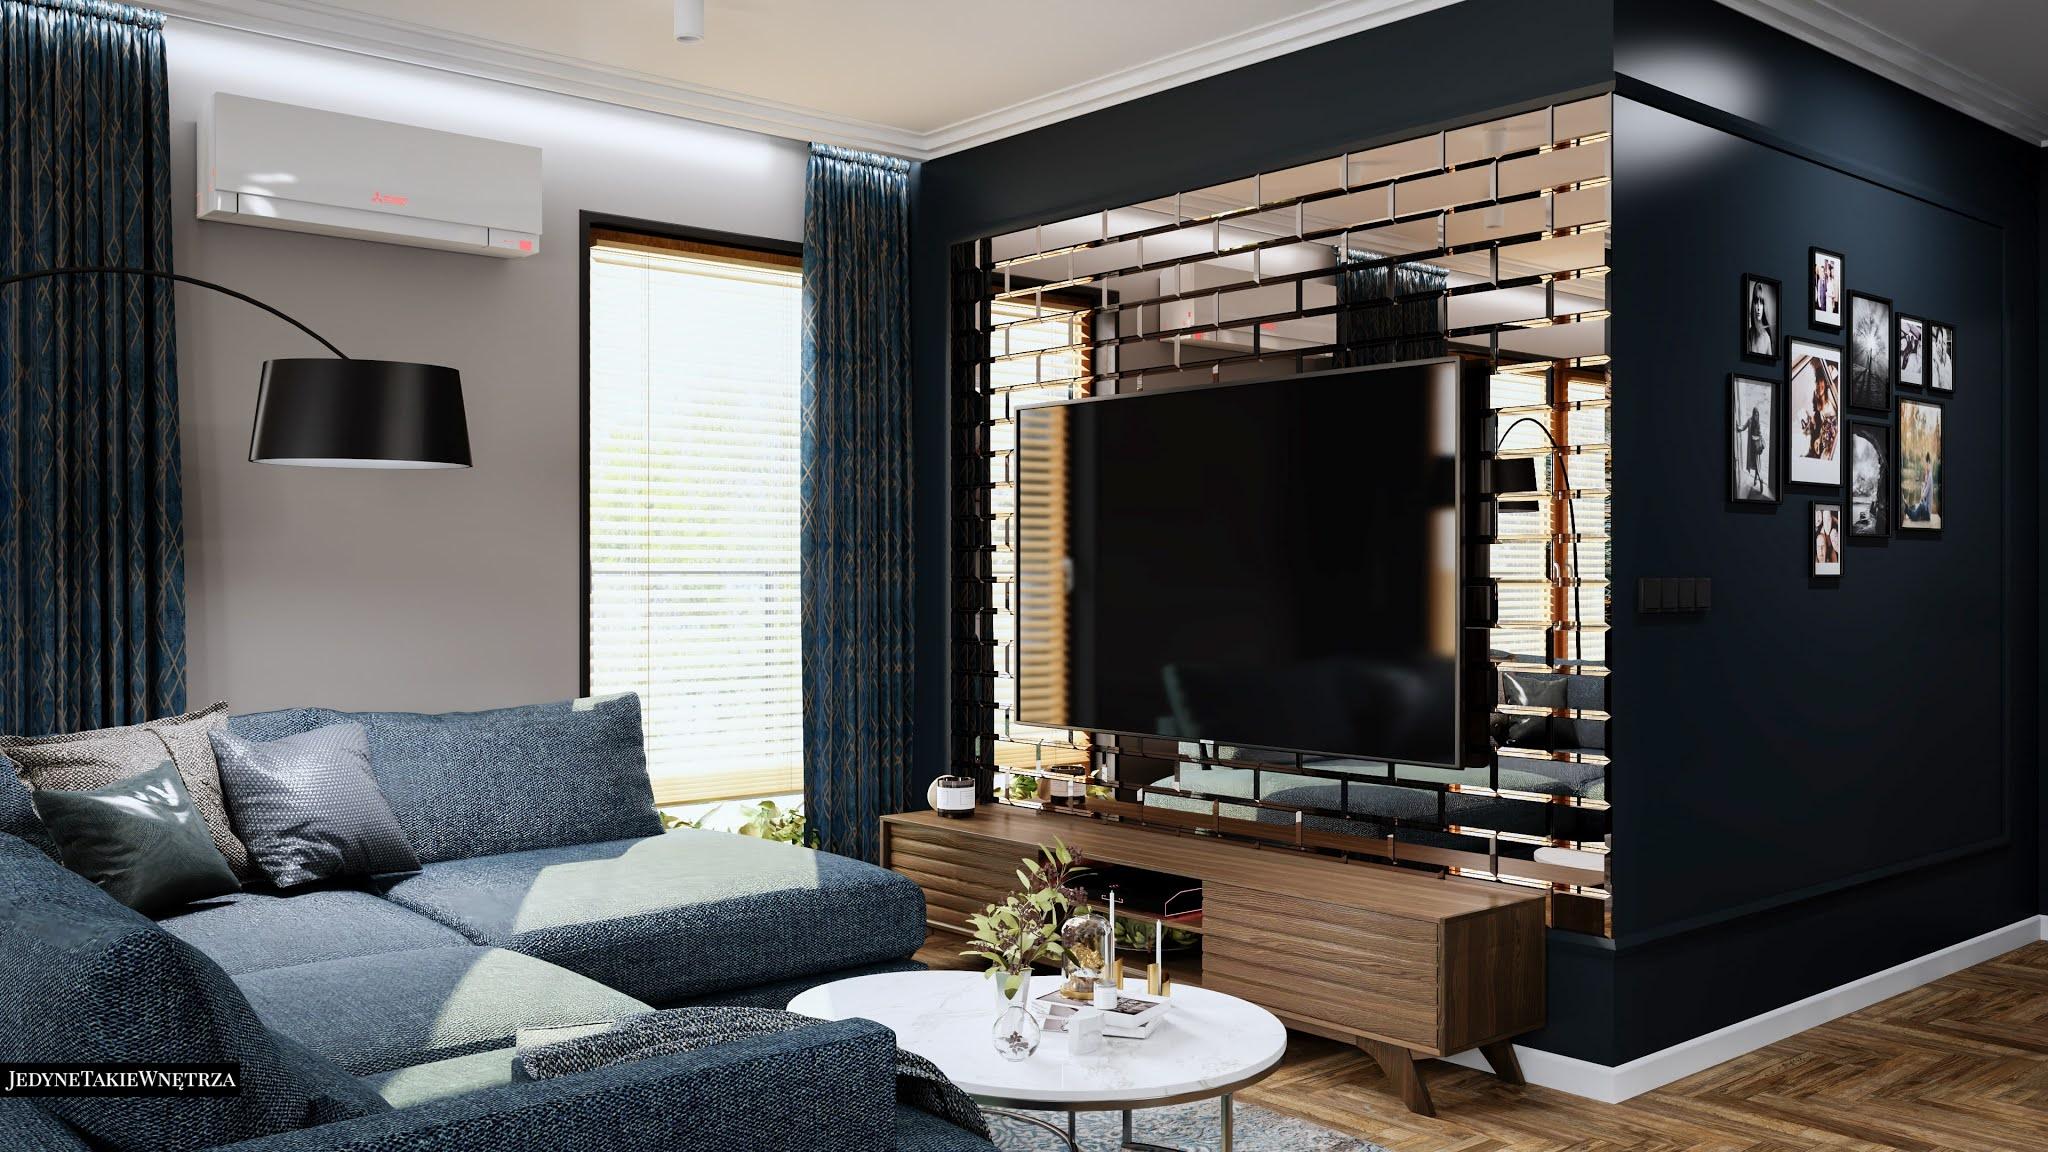 Nowoczesny salon z narożną kanapą, obok stoi marmurowy stolik kawowy. Listwy na ściance z tv, którą zrobi błyszcząca czarna cegła.